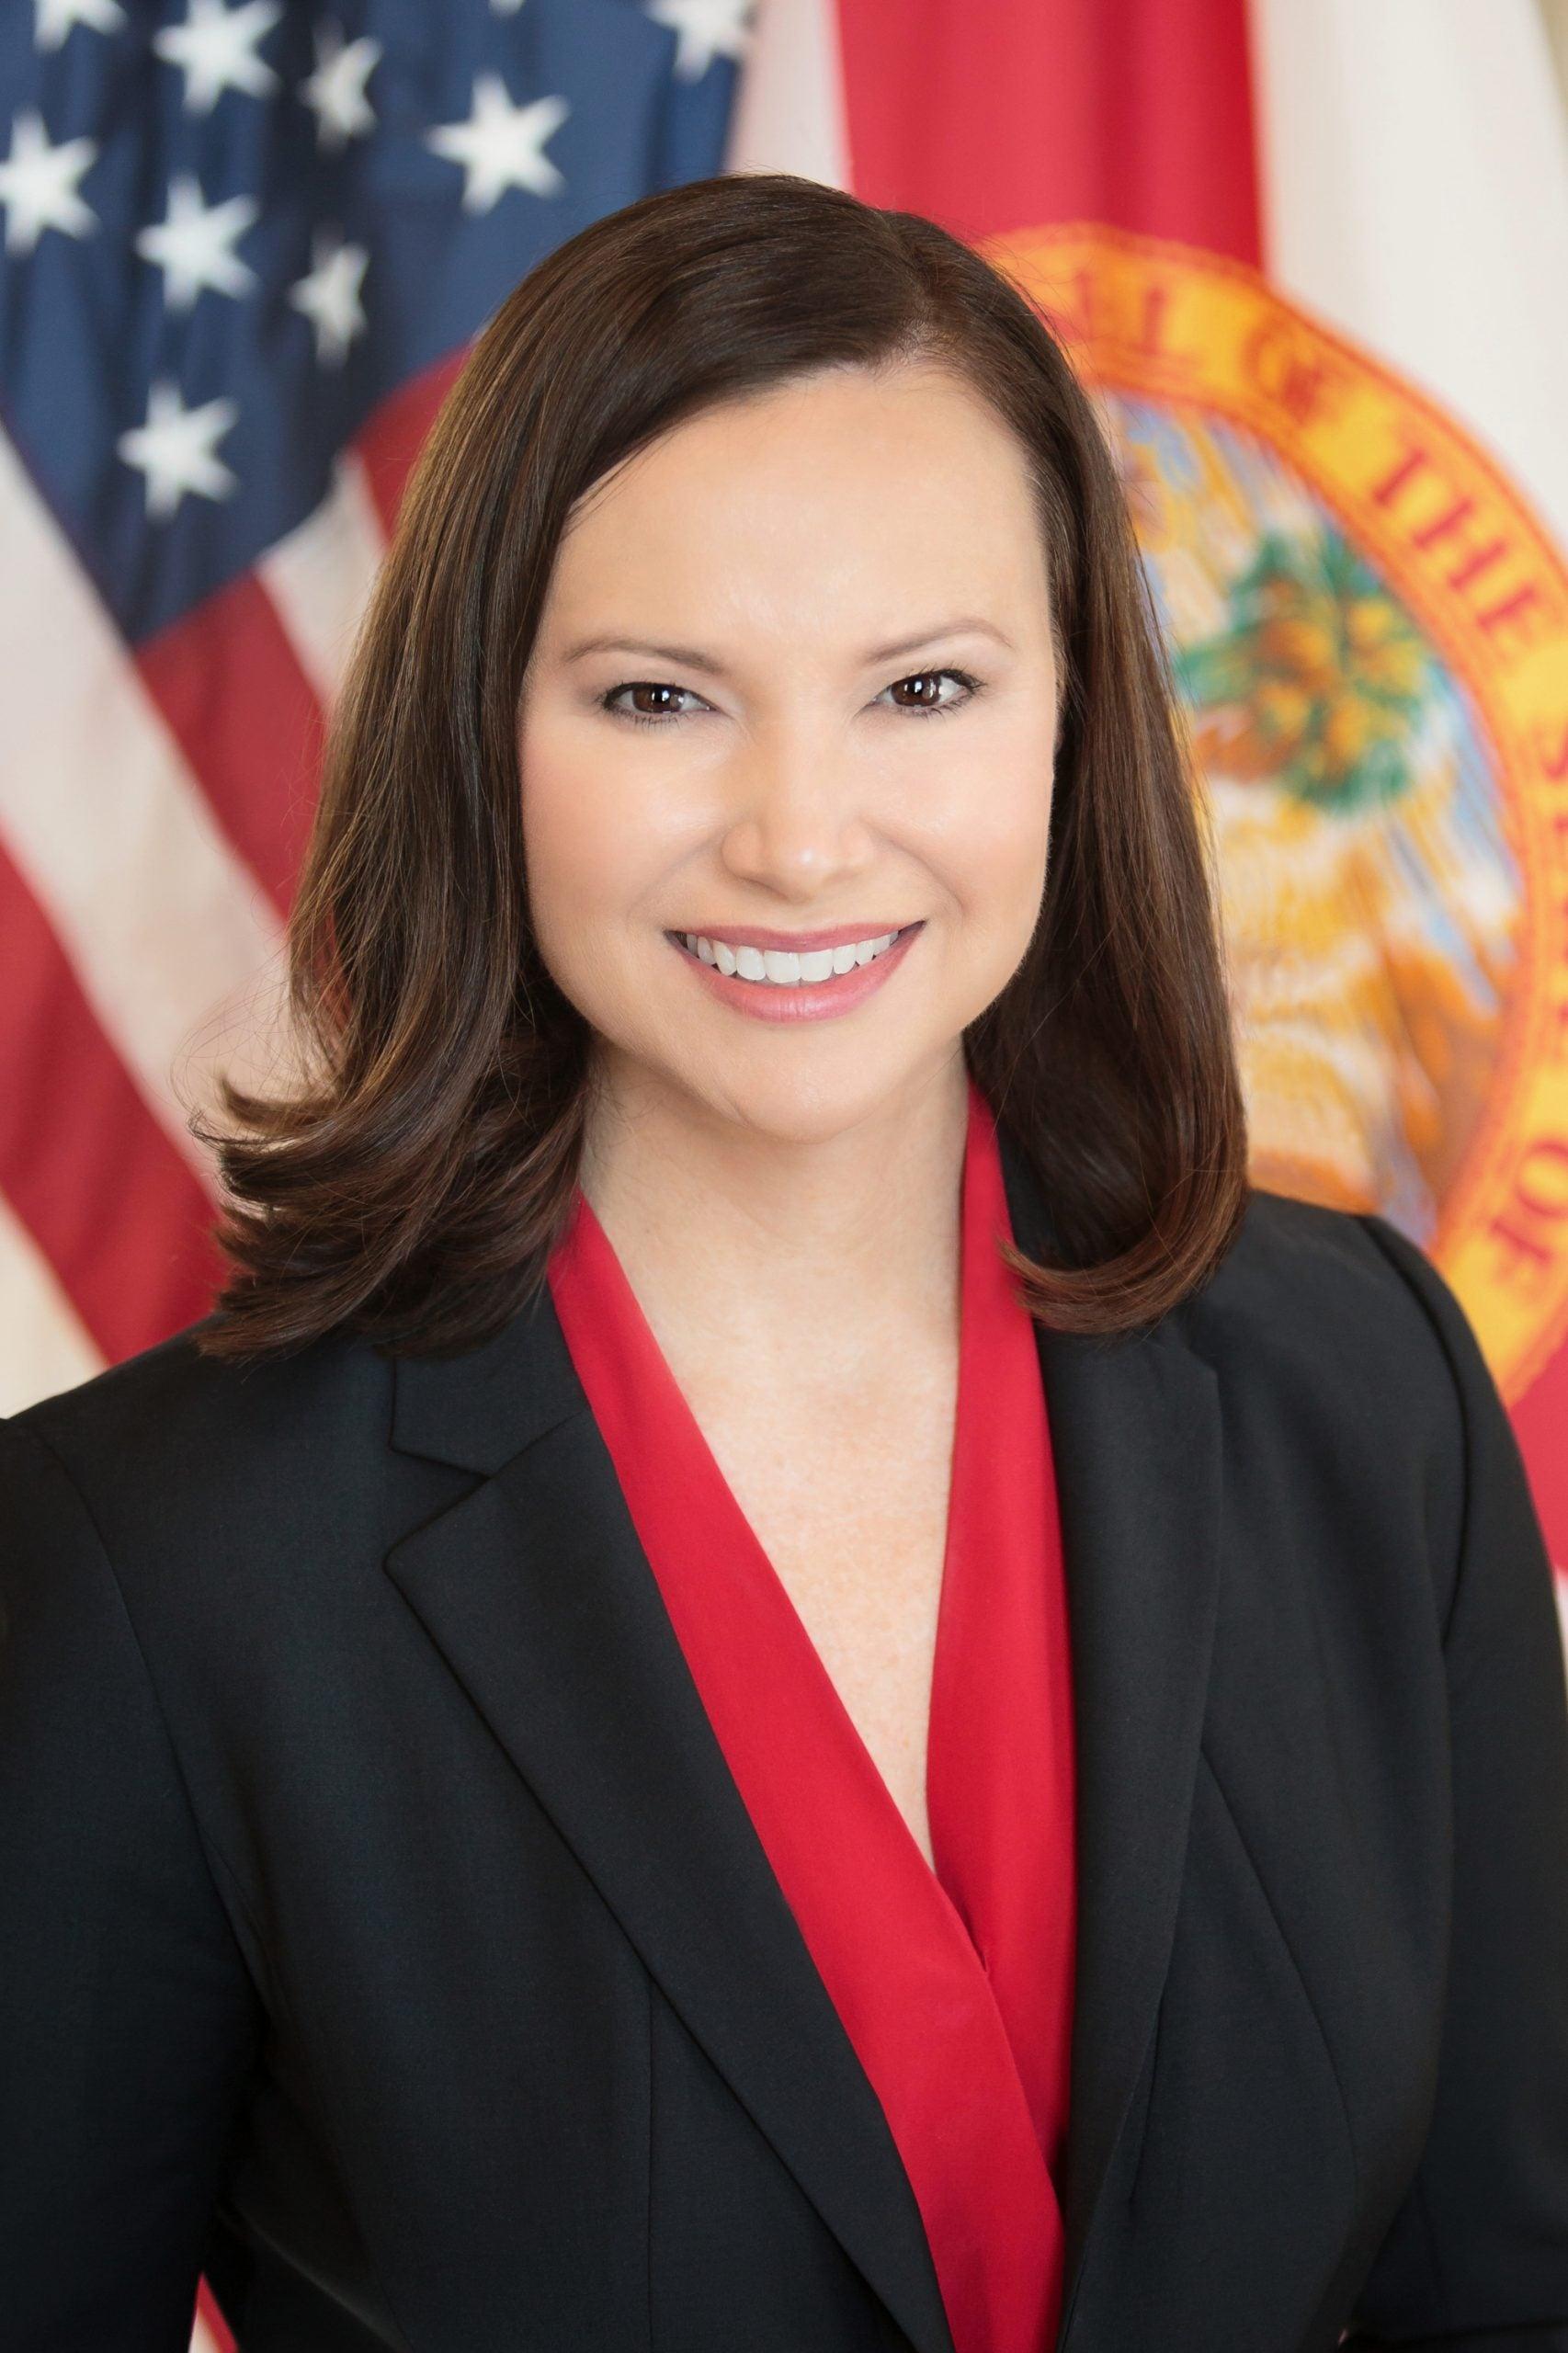 Florida Attorney General Ashley Moody